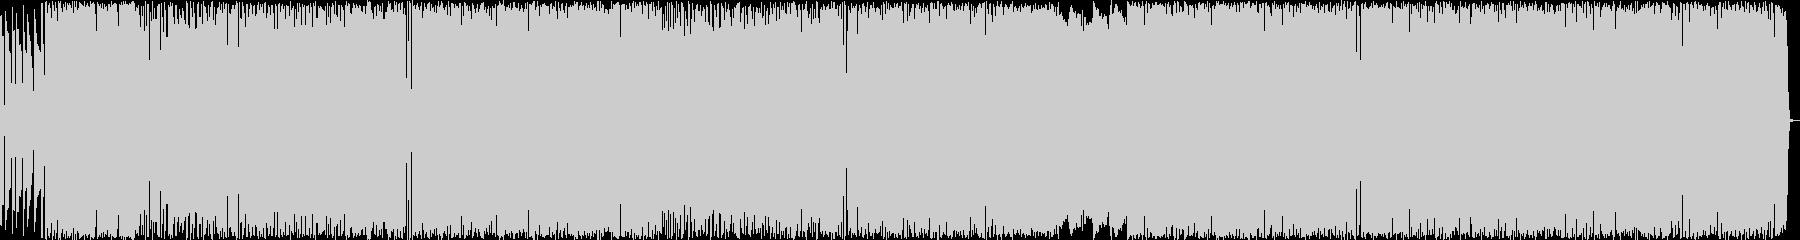 エッジの効いたROCK 生演奏の未再生の波形